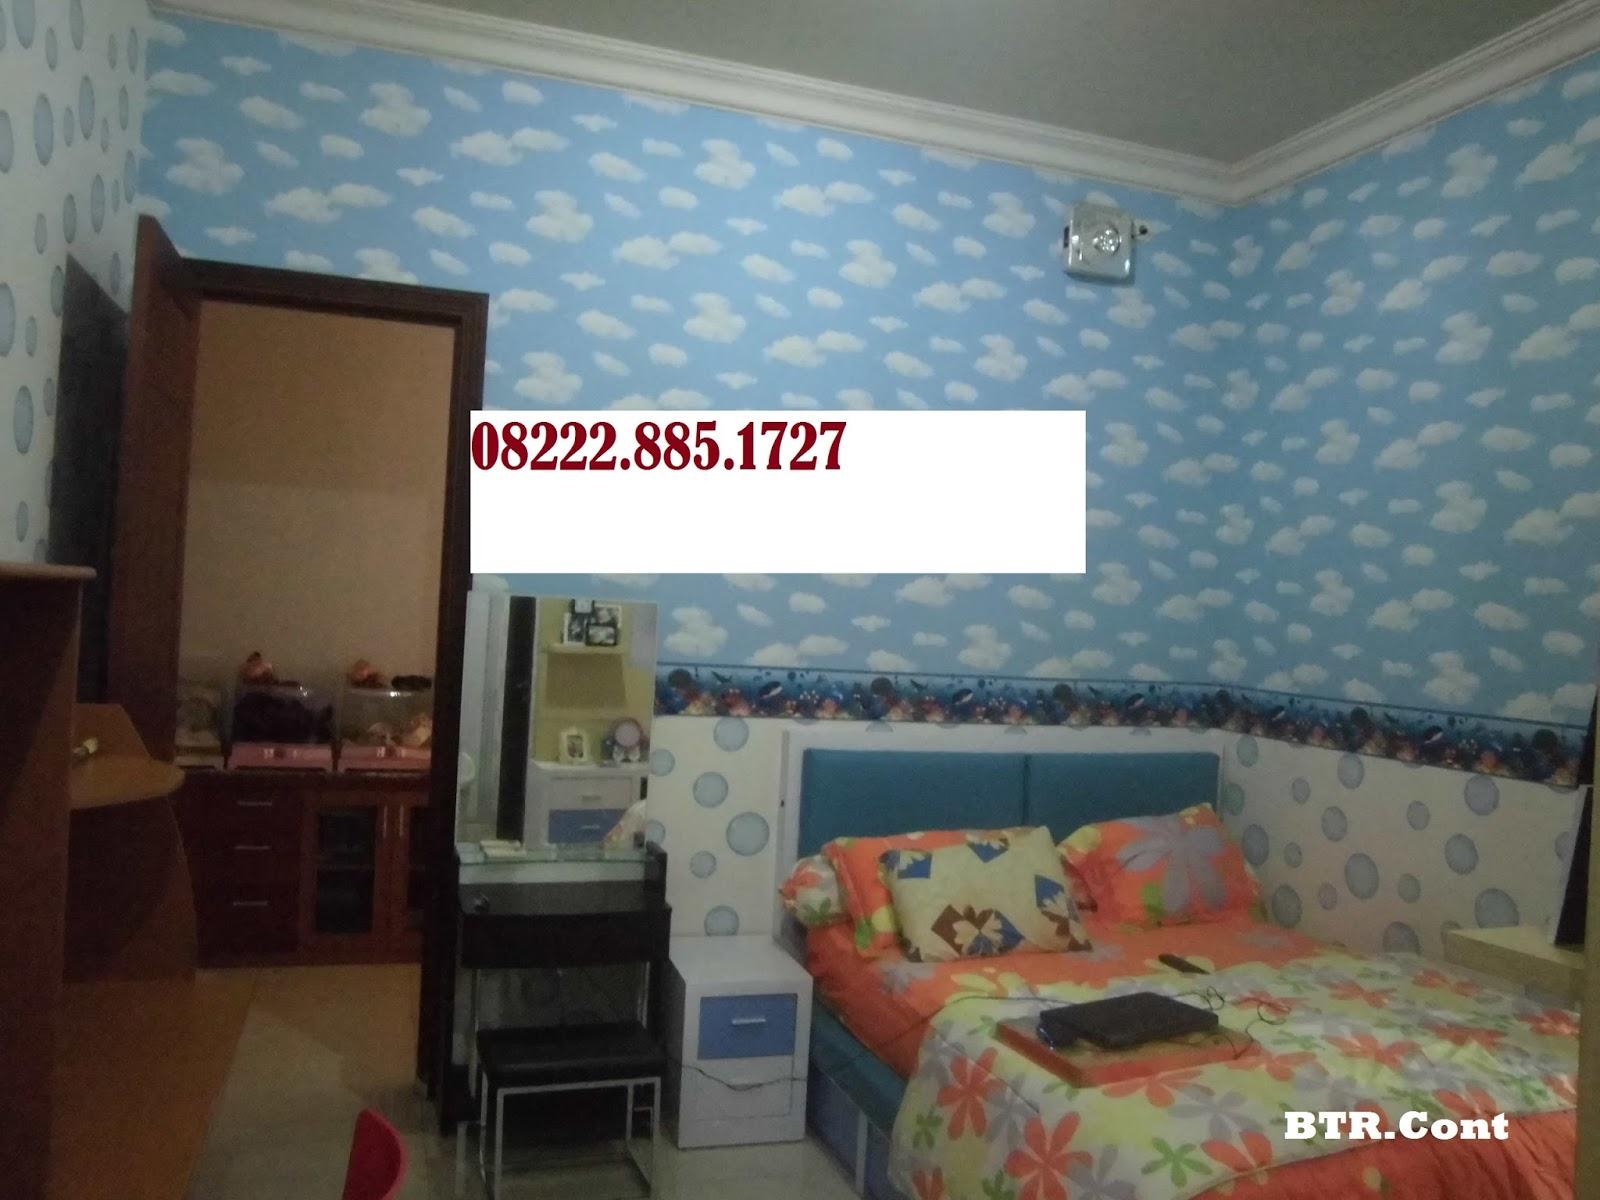 jasainteriorbali@gmail.com: 08222 885 1727 (Tsel) Desain Butik ...